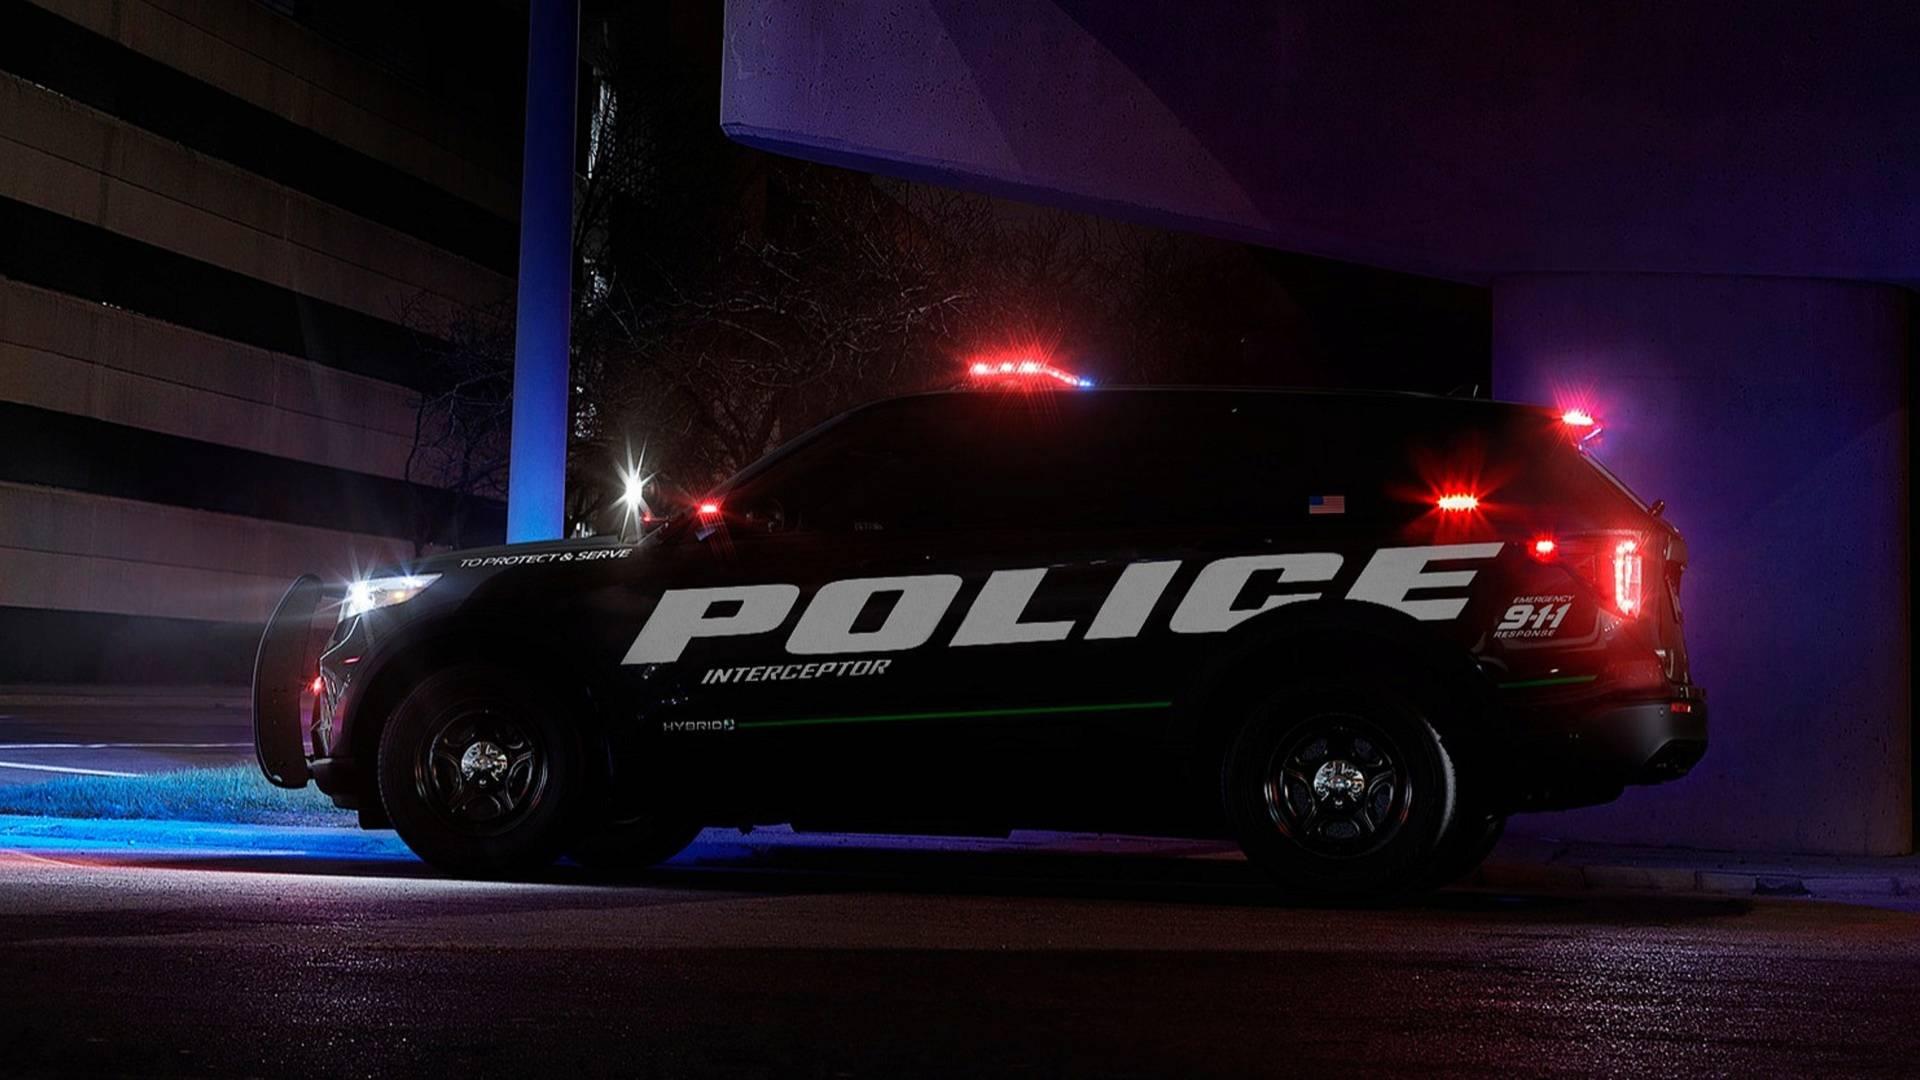 فورد سریعترین ماشین پلیس جهان را معرفی کرد